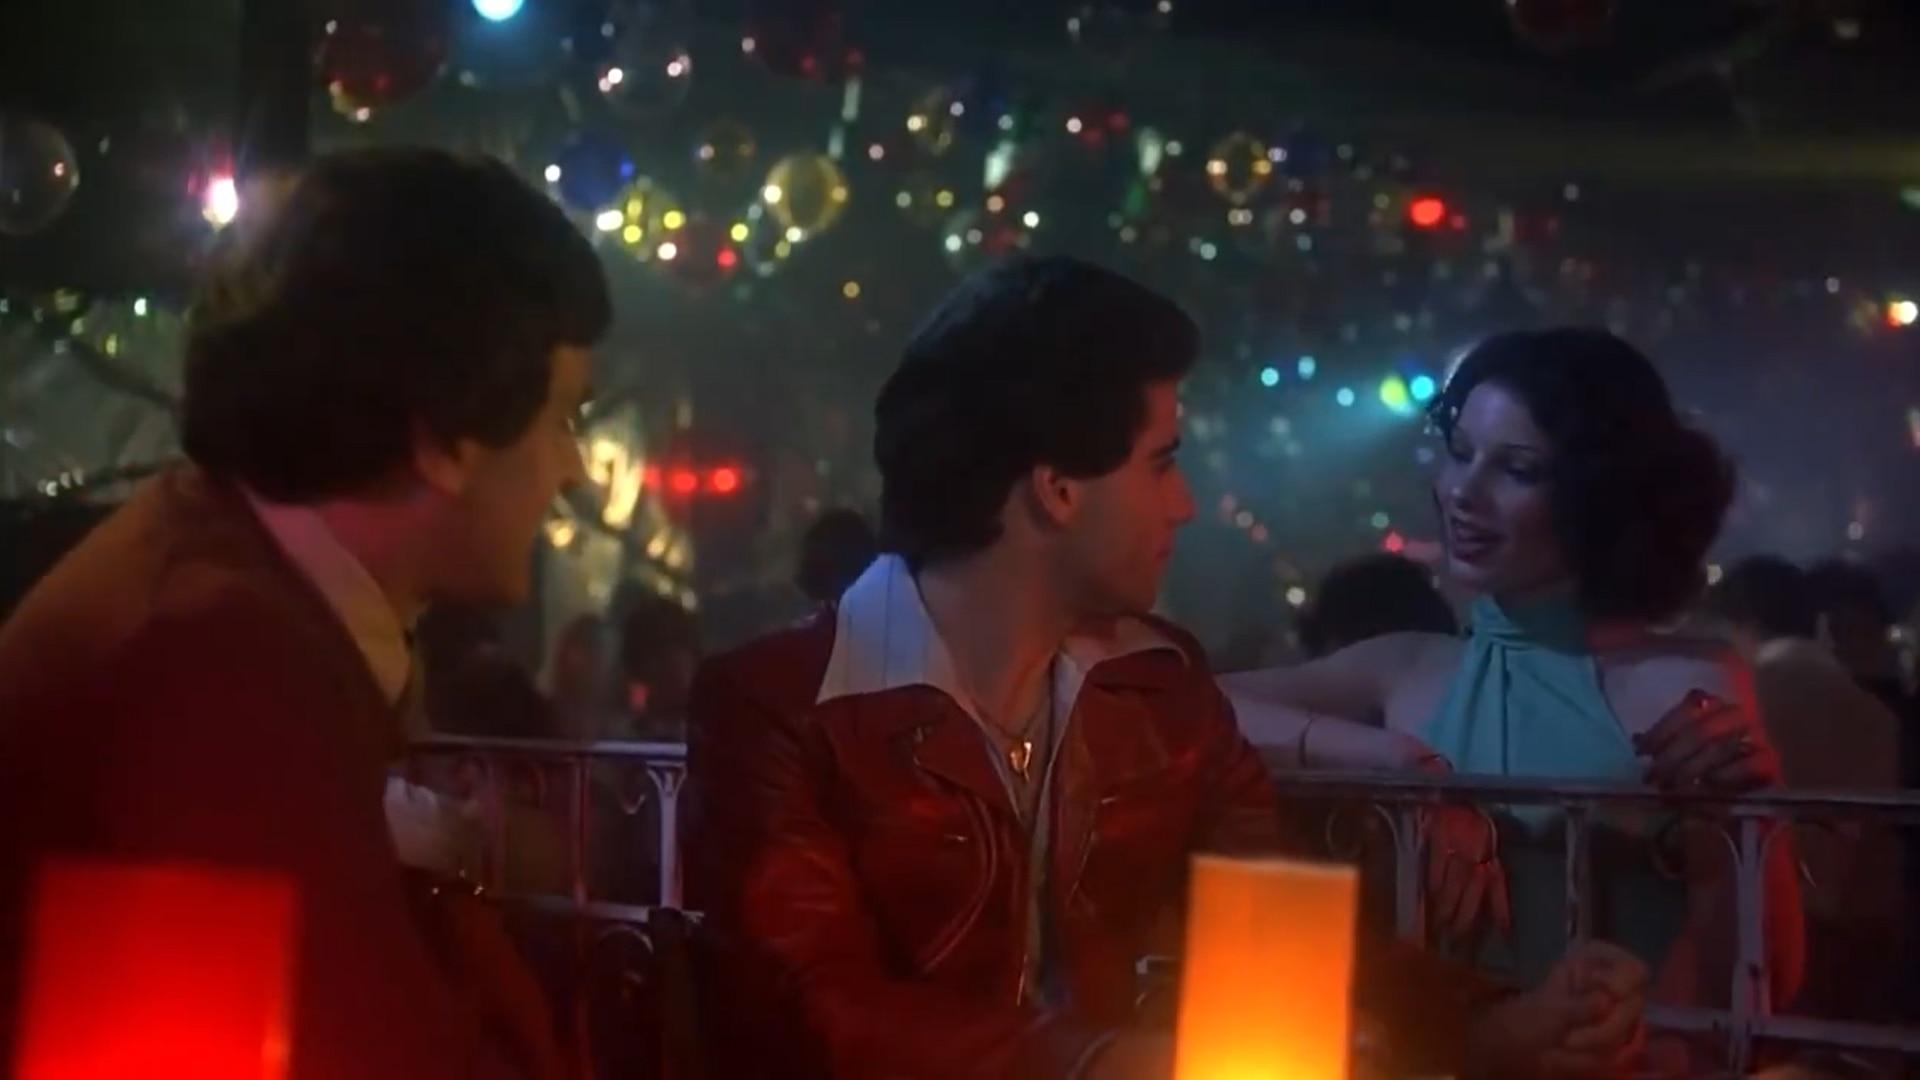 Una de las escenas que comparten Fran Drescher y John Travolta en Saturday Night Fever -Fiebre de Sábado por la Noche-